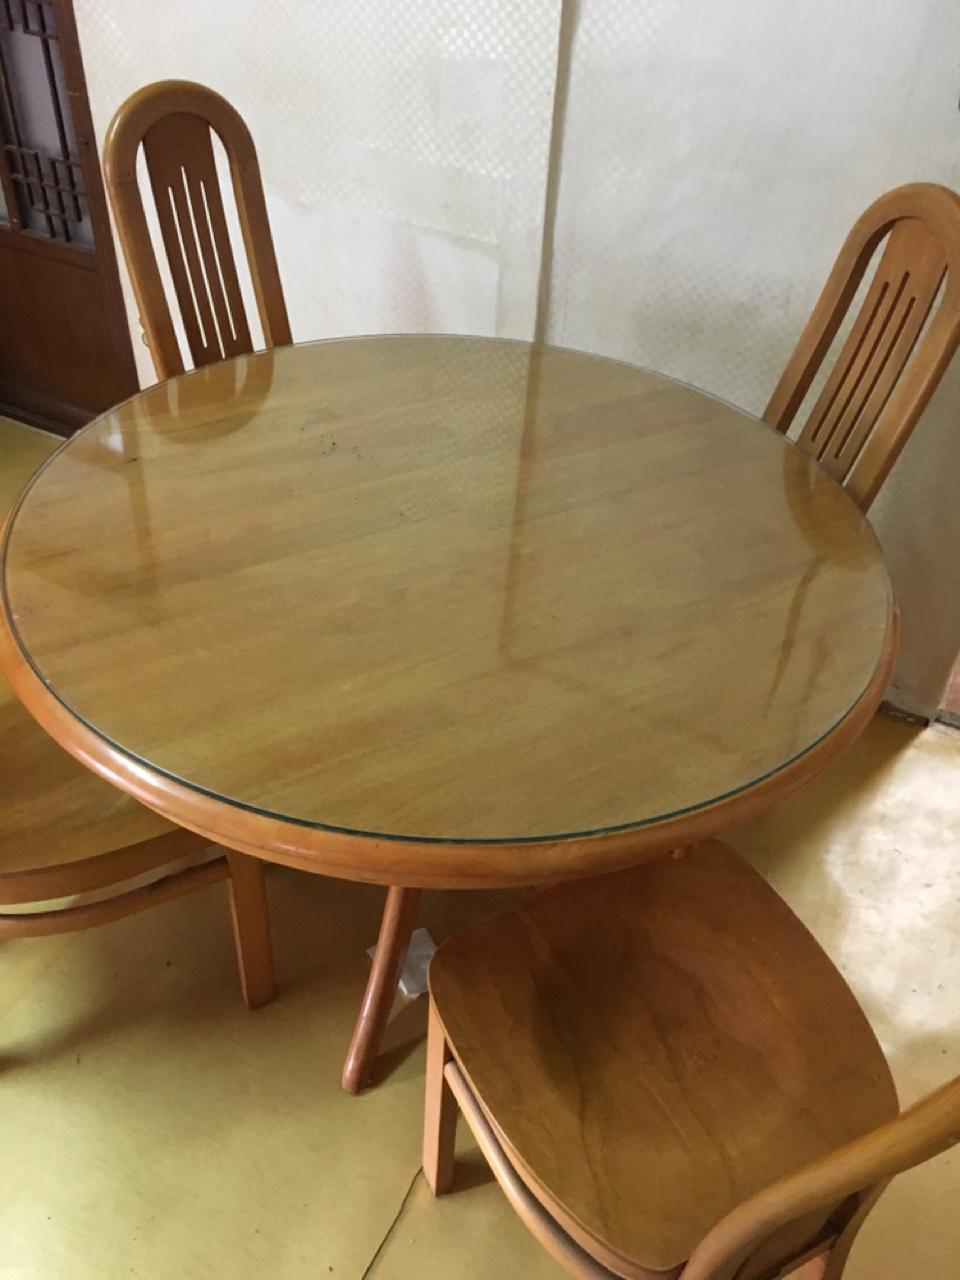 식탁 4인용식탁 원형테이블 탁자